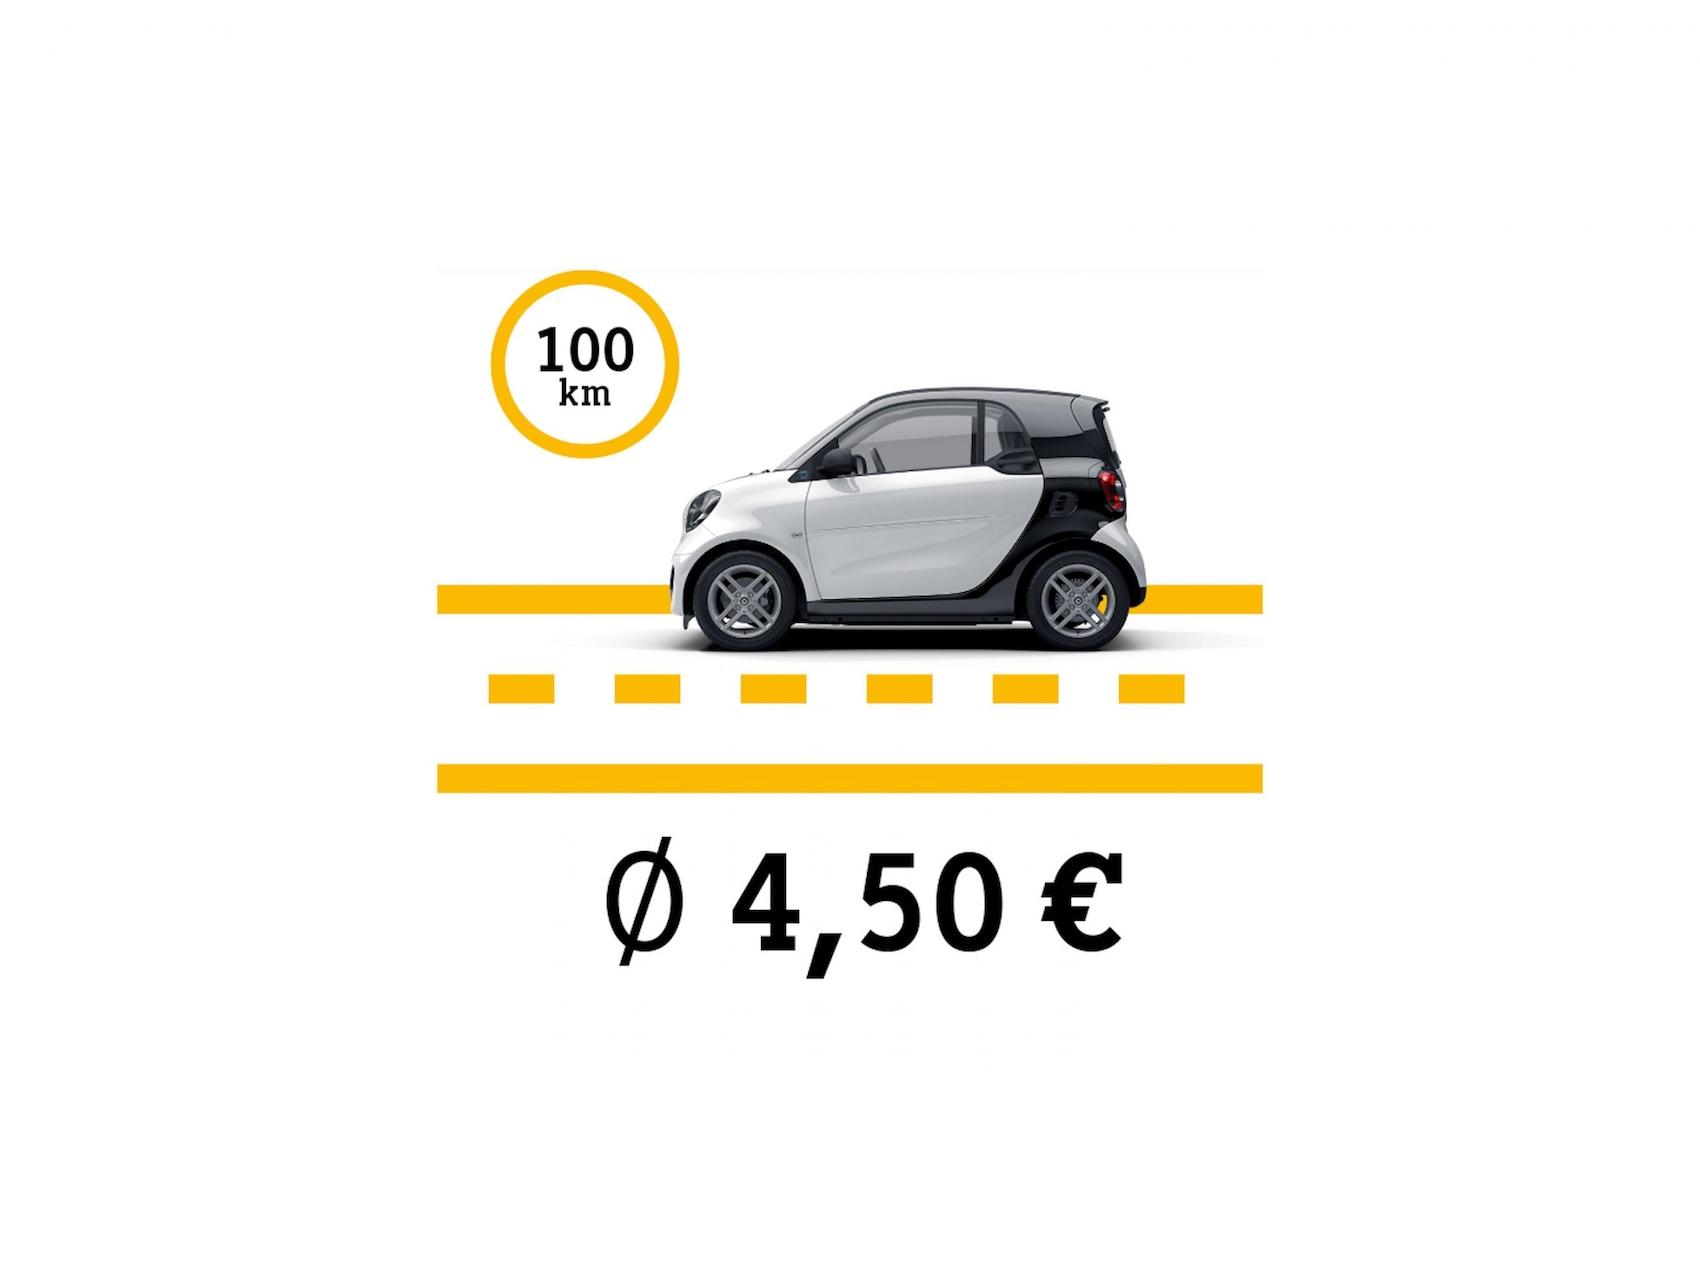 Rappresentazione grafica dei costi per la corrente di una smart EQ fortwo in marcia lungo una strada disegnata.